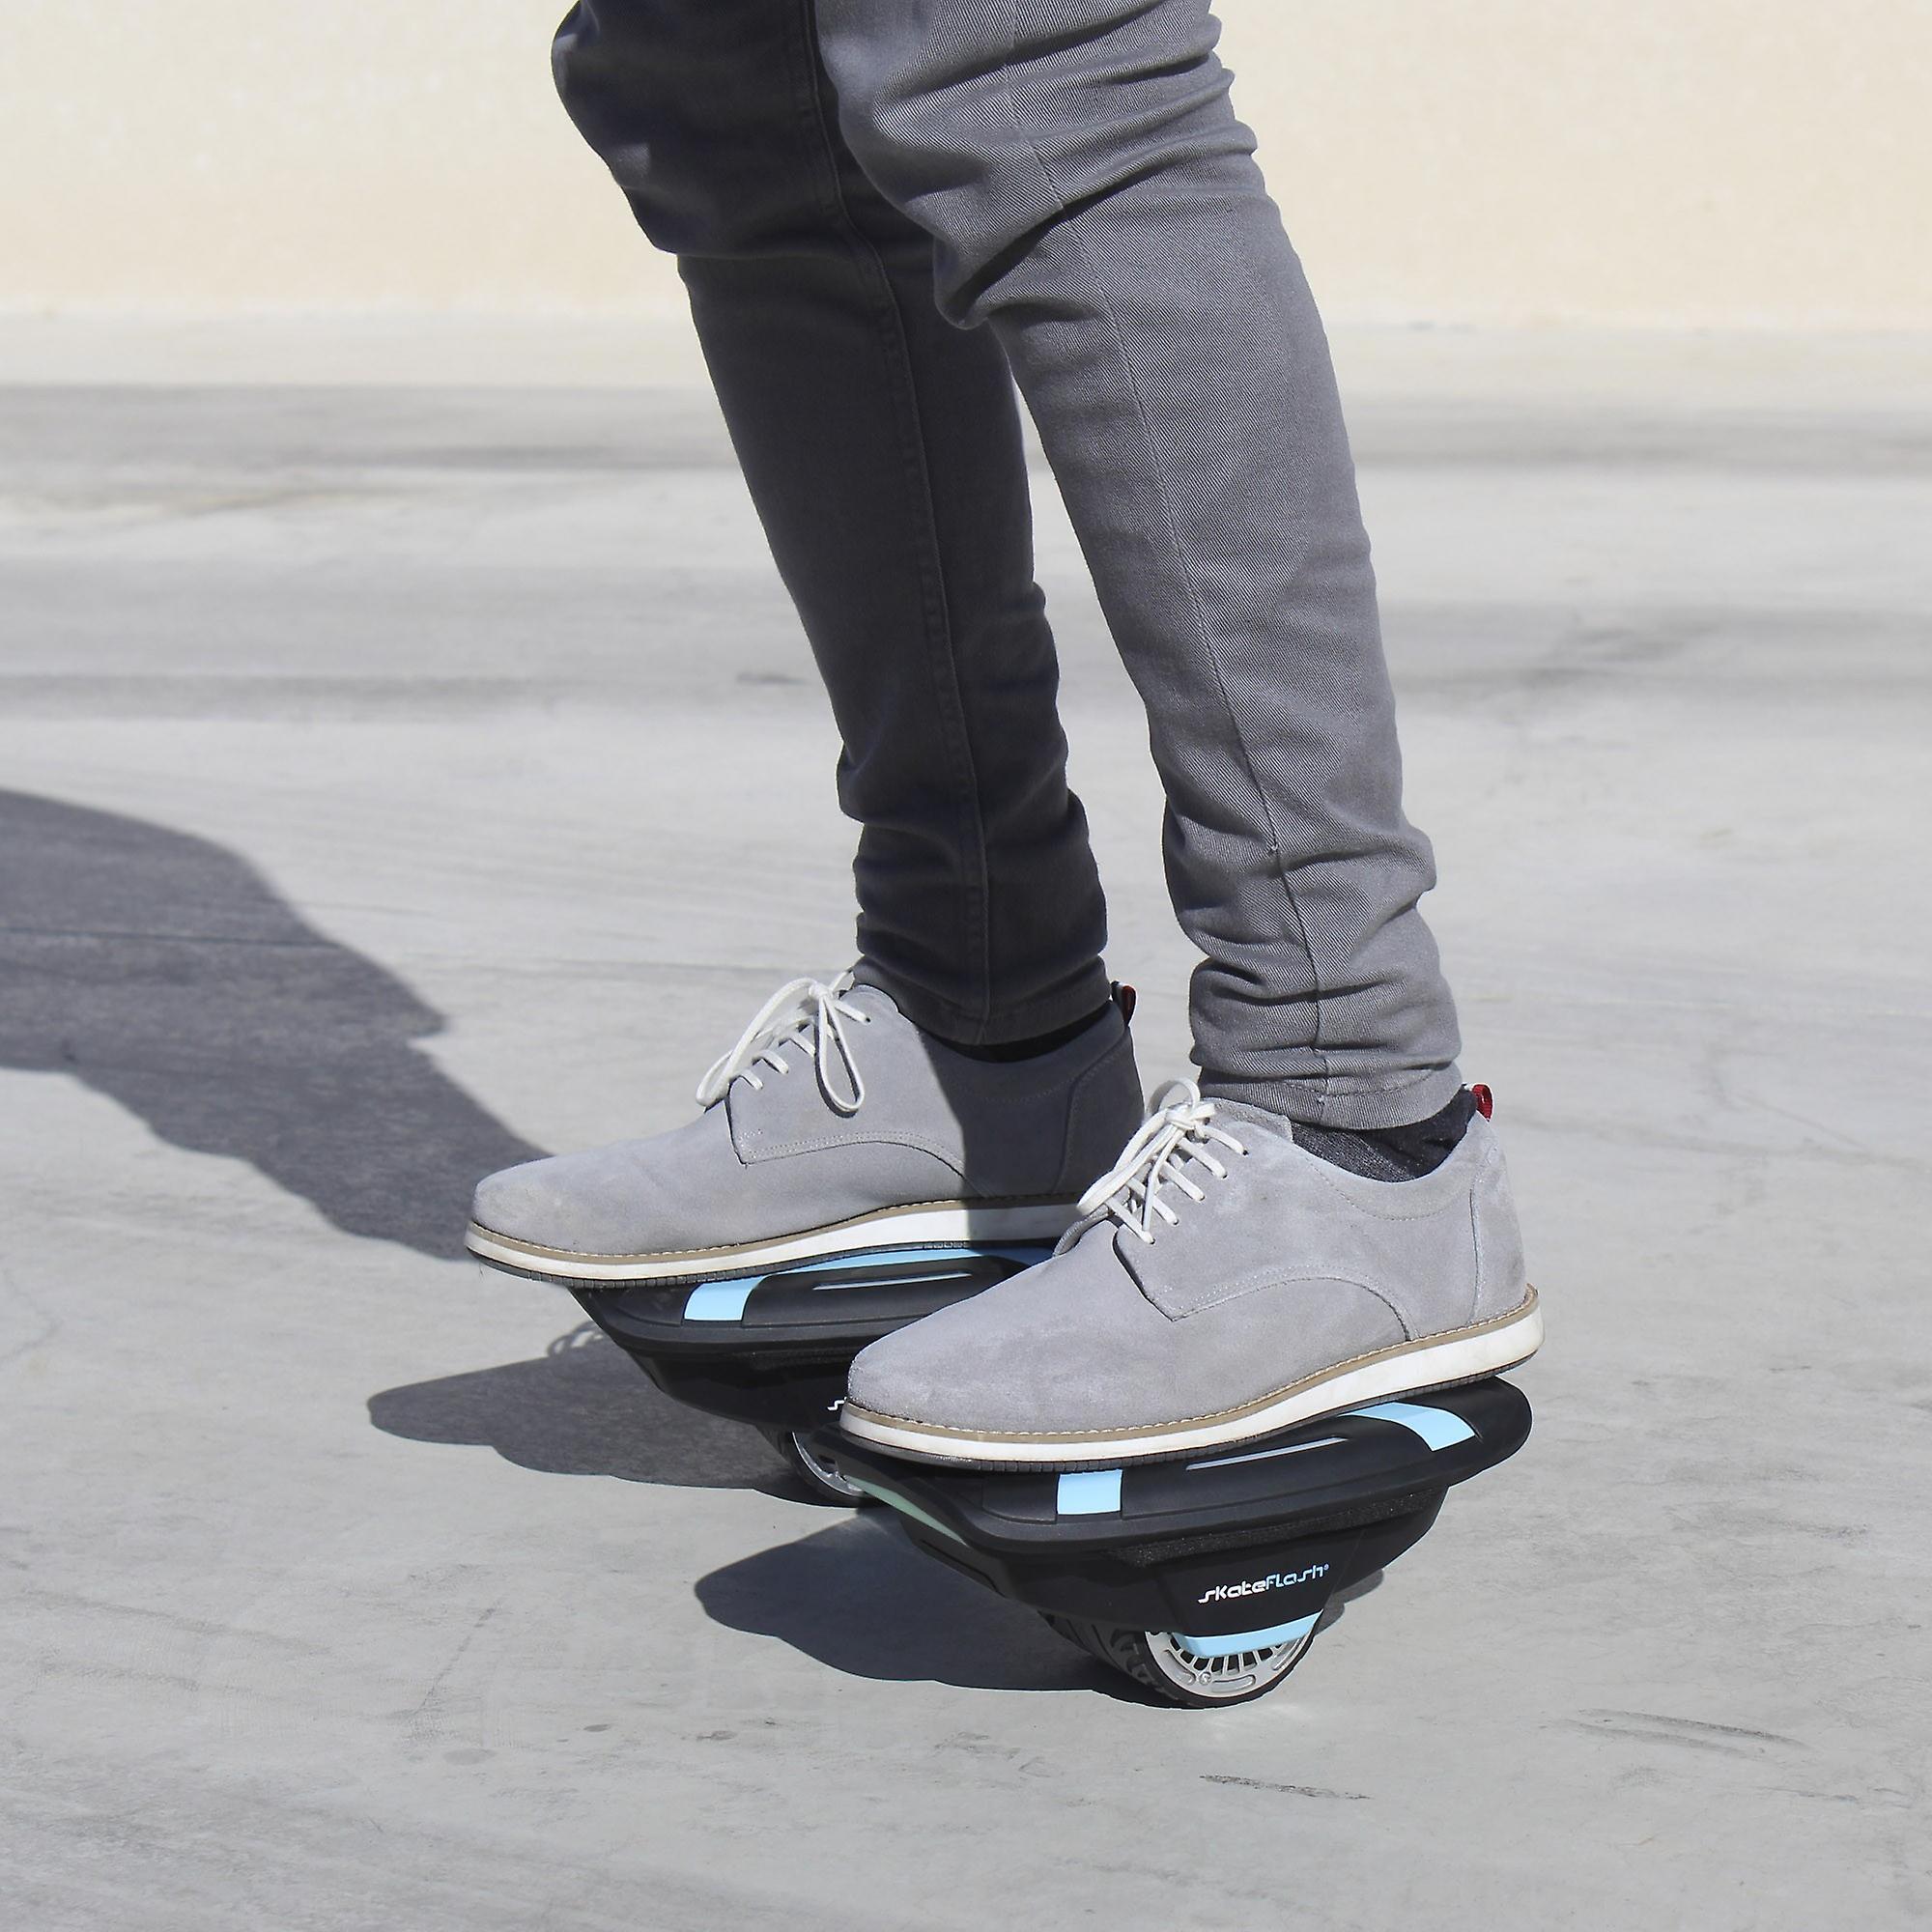 Skateflash Skateshoe Black